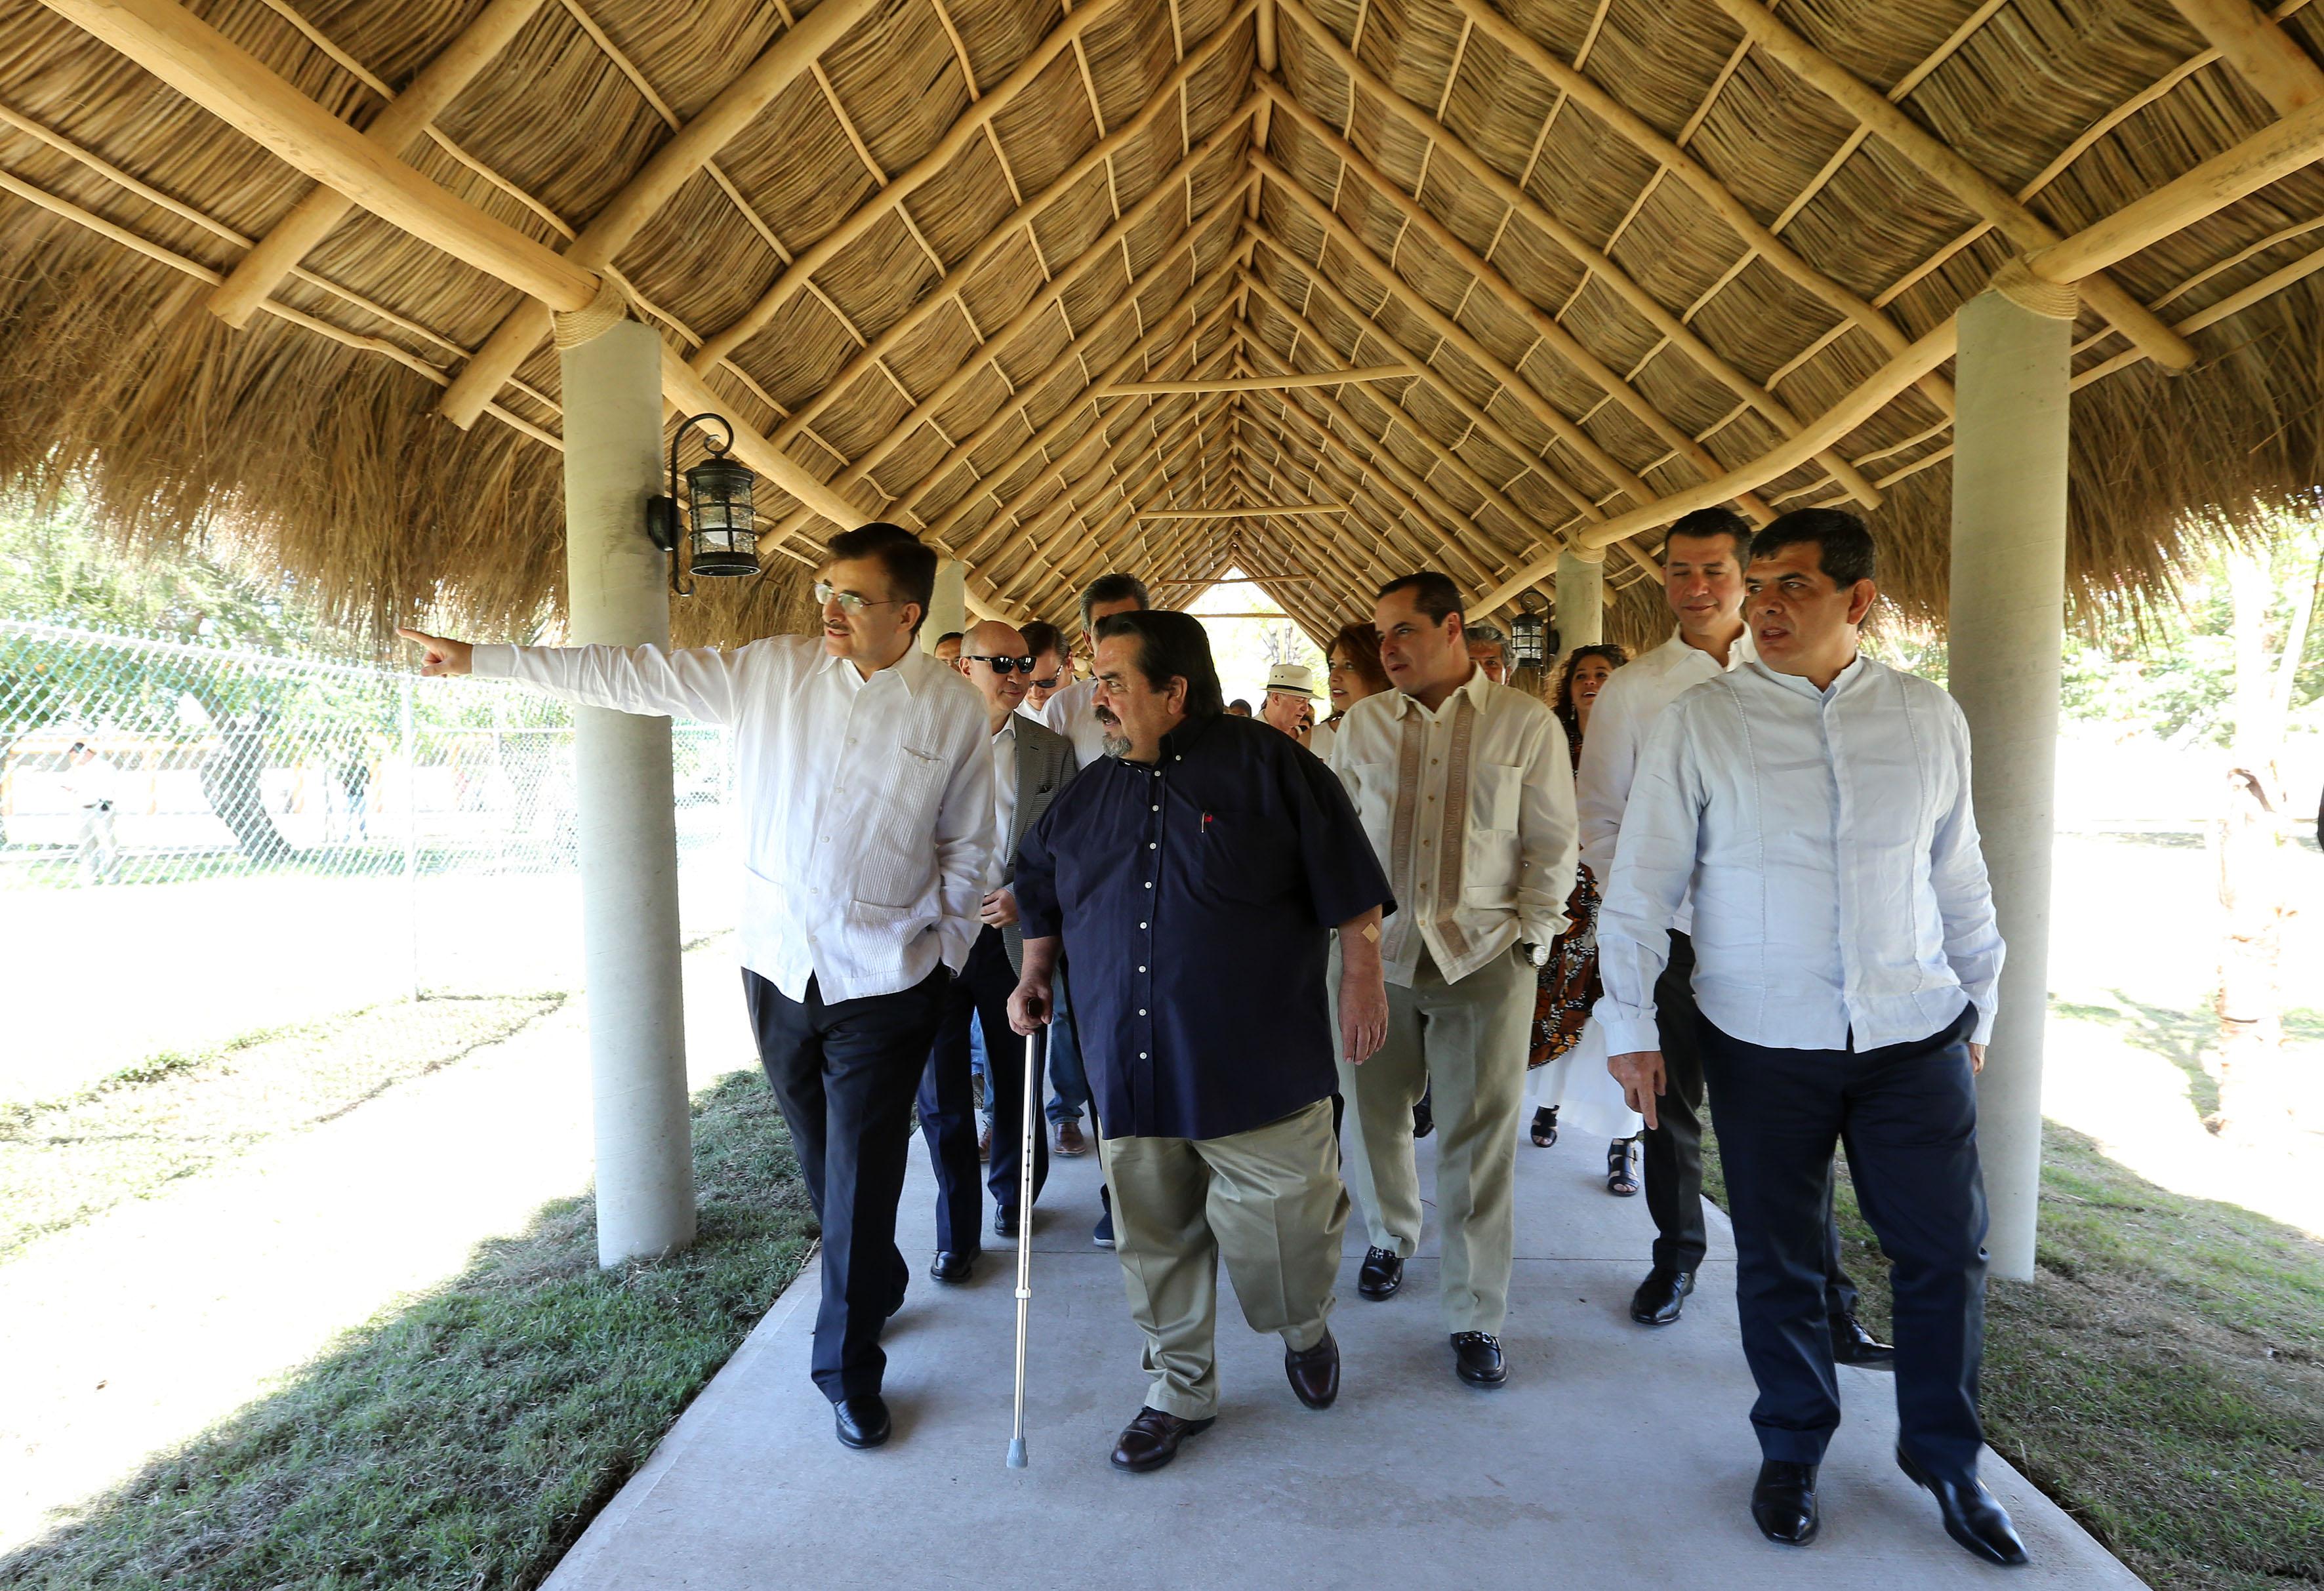 Rector del centro, Rector general y diversas autoridades universitarias de la UdeG, haciendo un recorrido por las instalaciones del CUCosta.